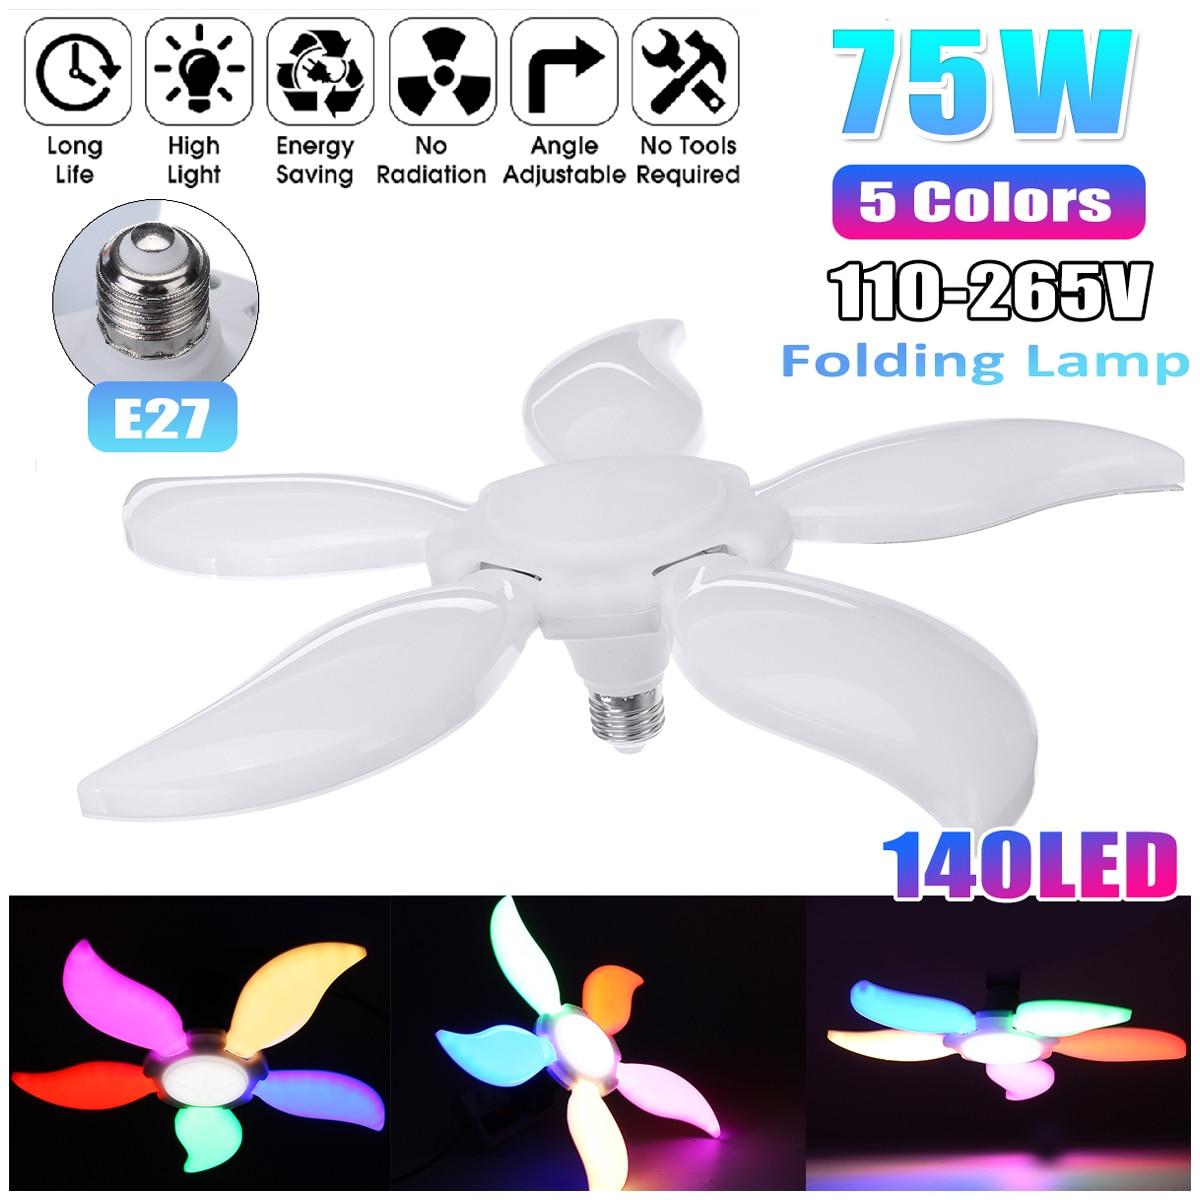 75W Super Bright Colorful Led Garage Light 5 Leaf Deformable Industrial Lighting E27 110-265V 2835 Workshop Ceiling Lights